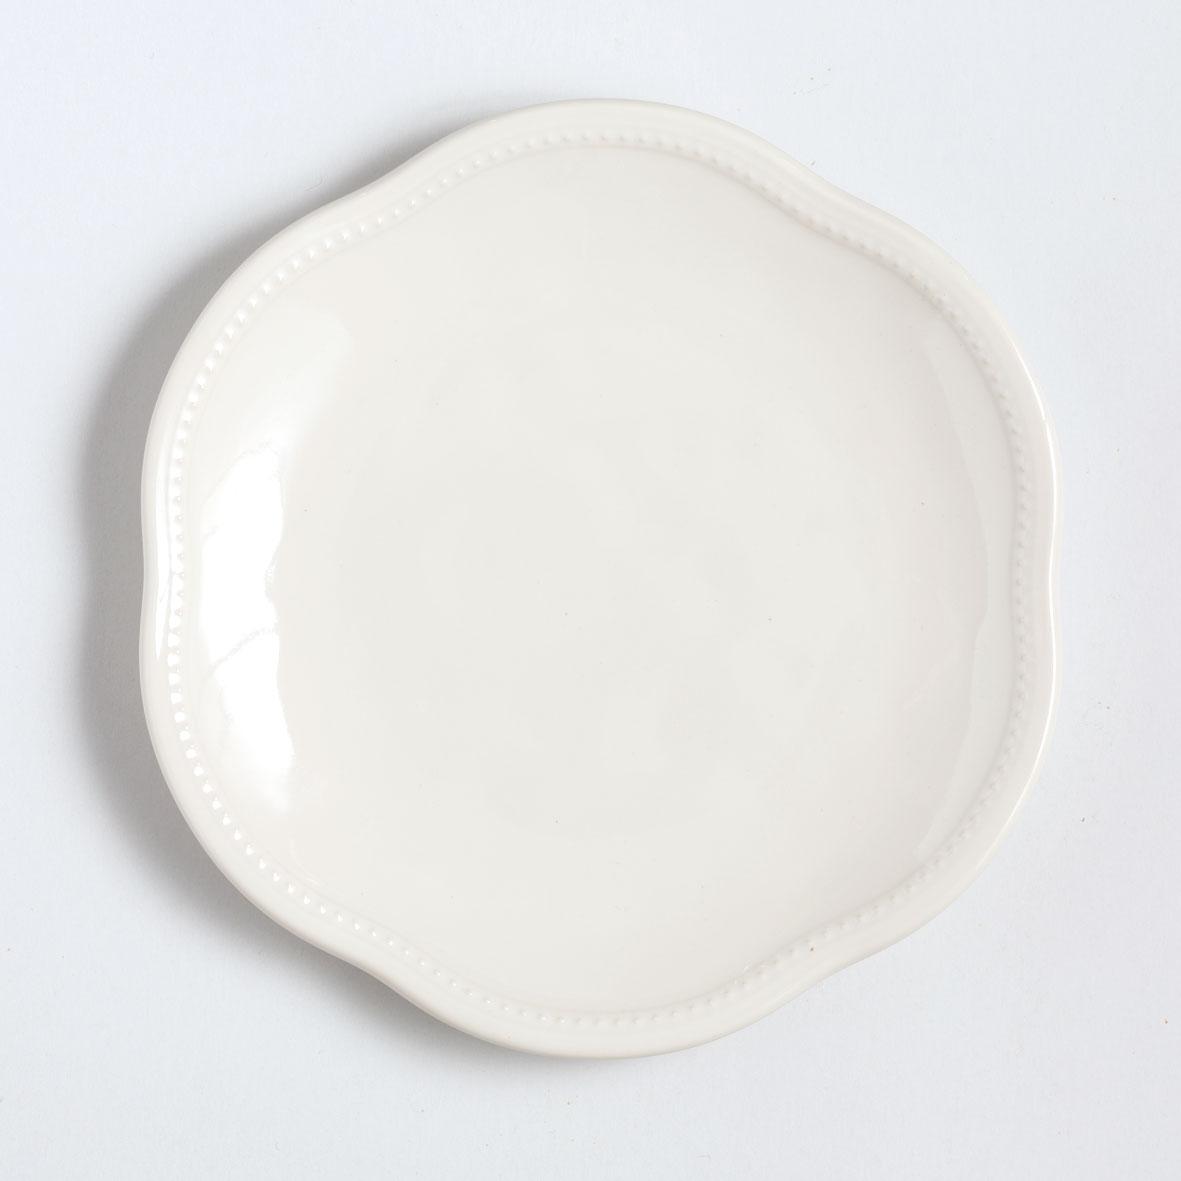 プレート / 23cm・ホワイト [ラ・メゾン オリジナル ]